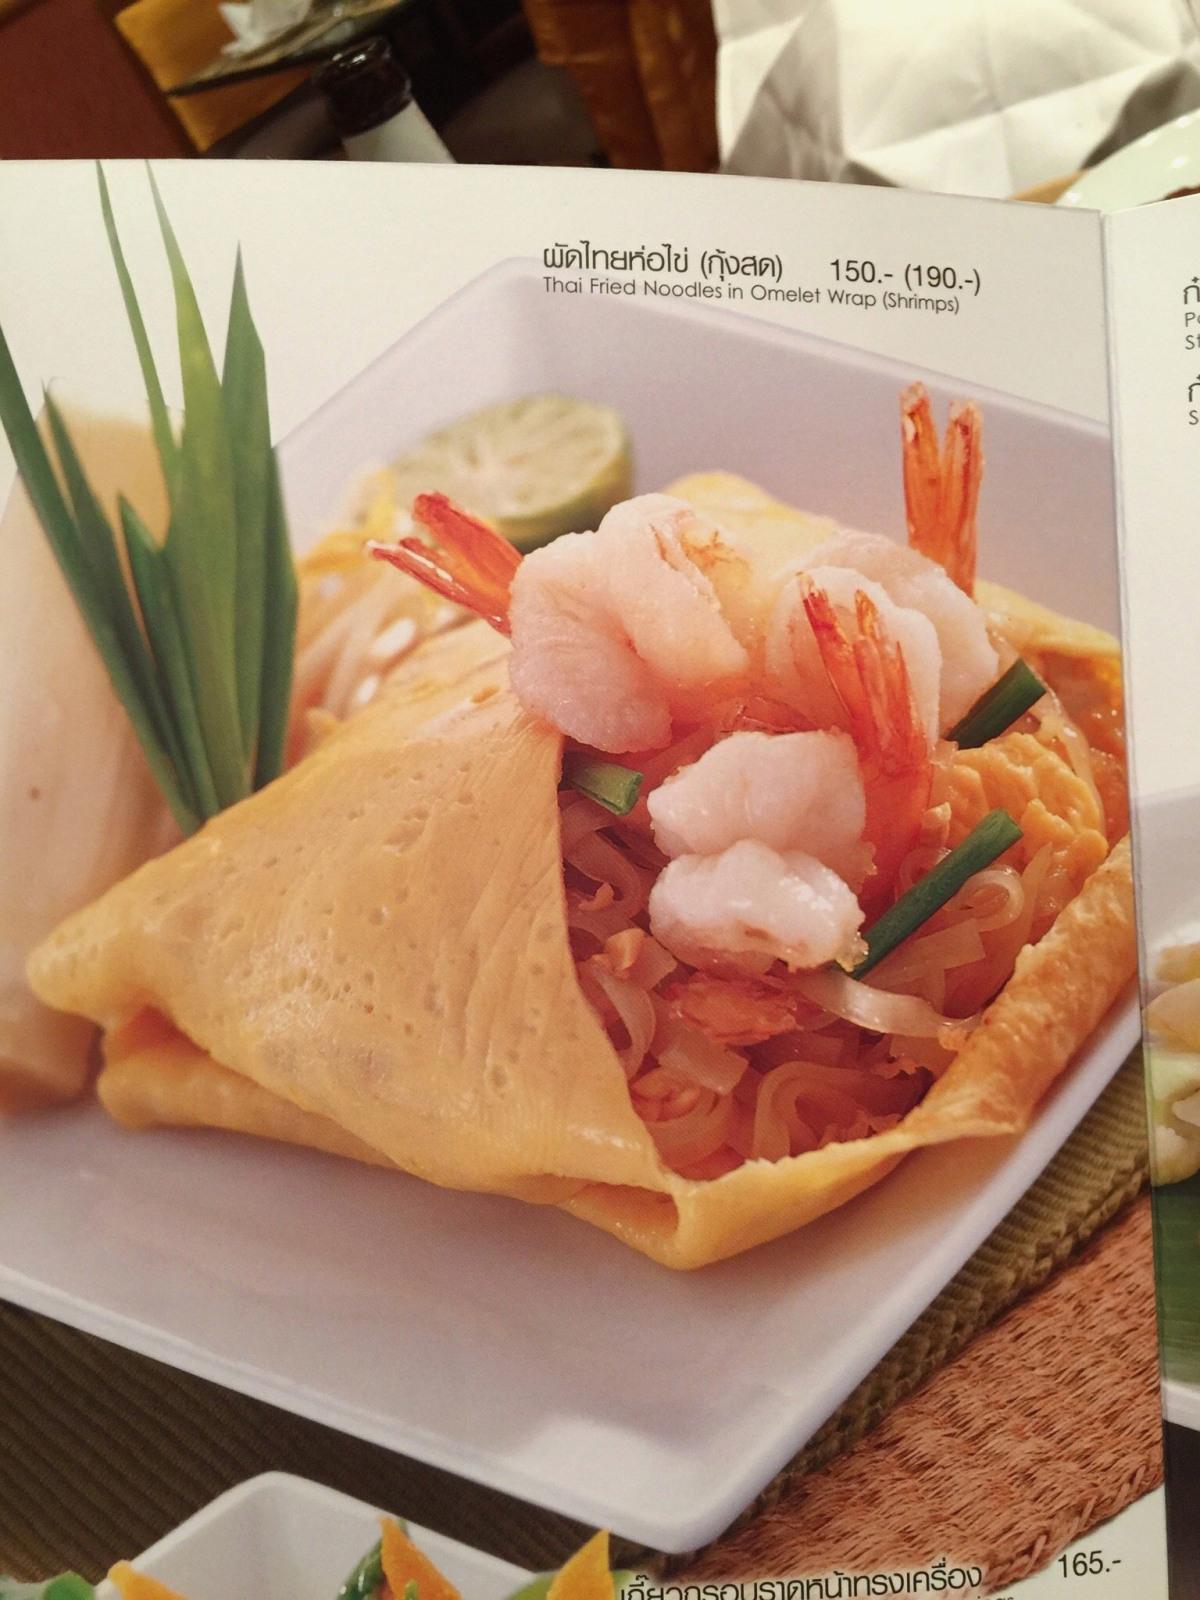 Cache Paumelle Castorama Meilleur De Photos topmost 45 Affichage Cuisine 3d Casto Cher – Madelocalmarkets